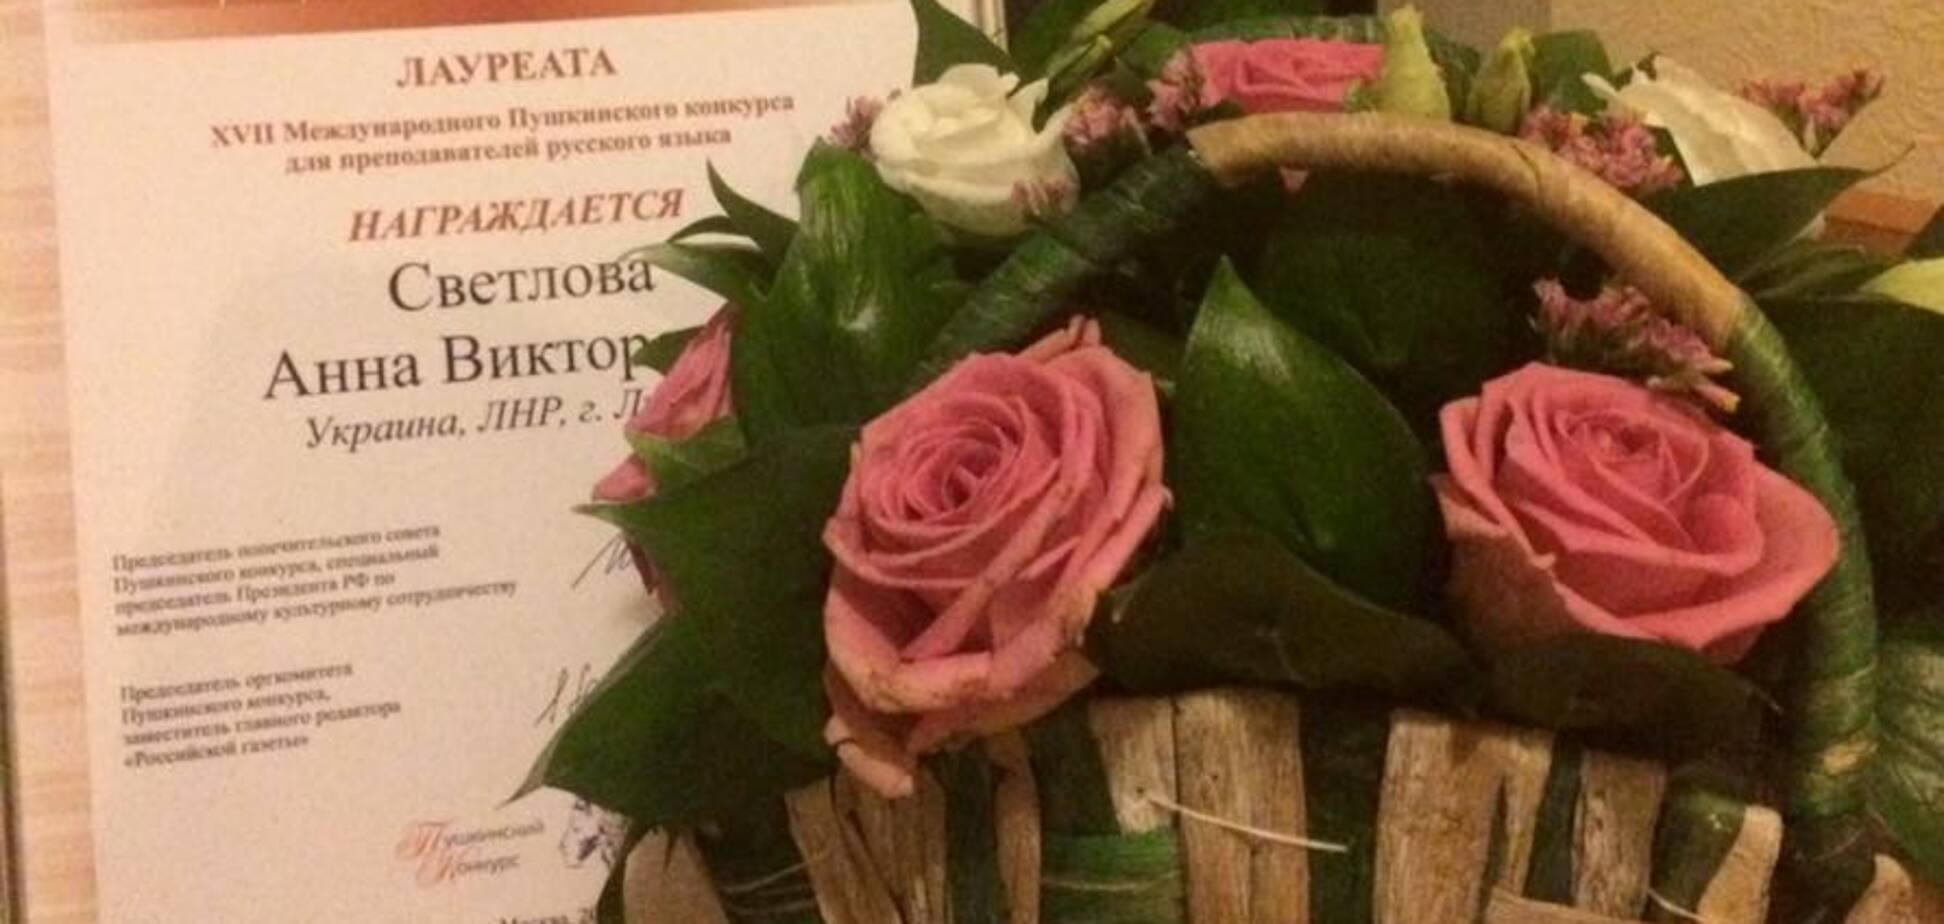 Майже офіційно: у Путіна визнали 'ЛНР' частиною України